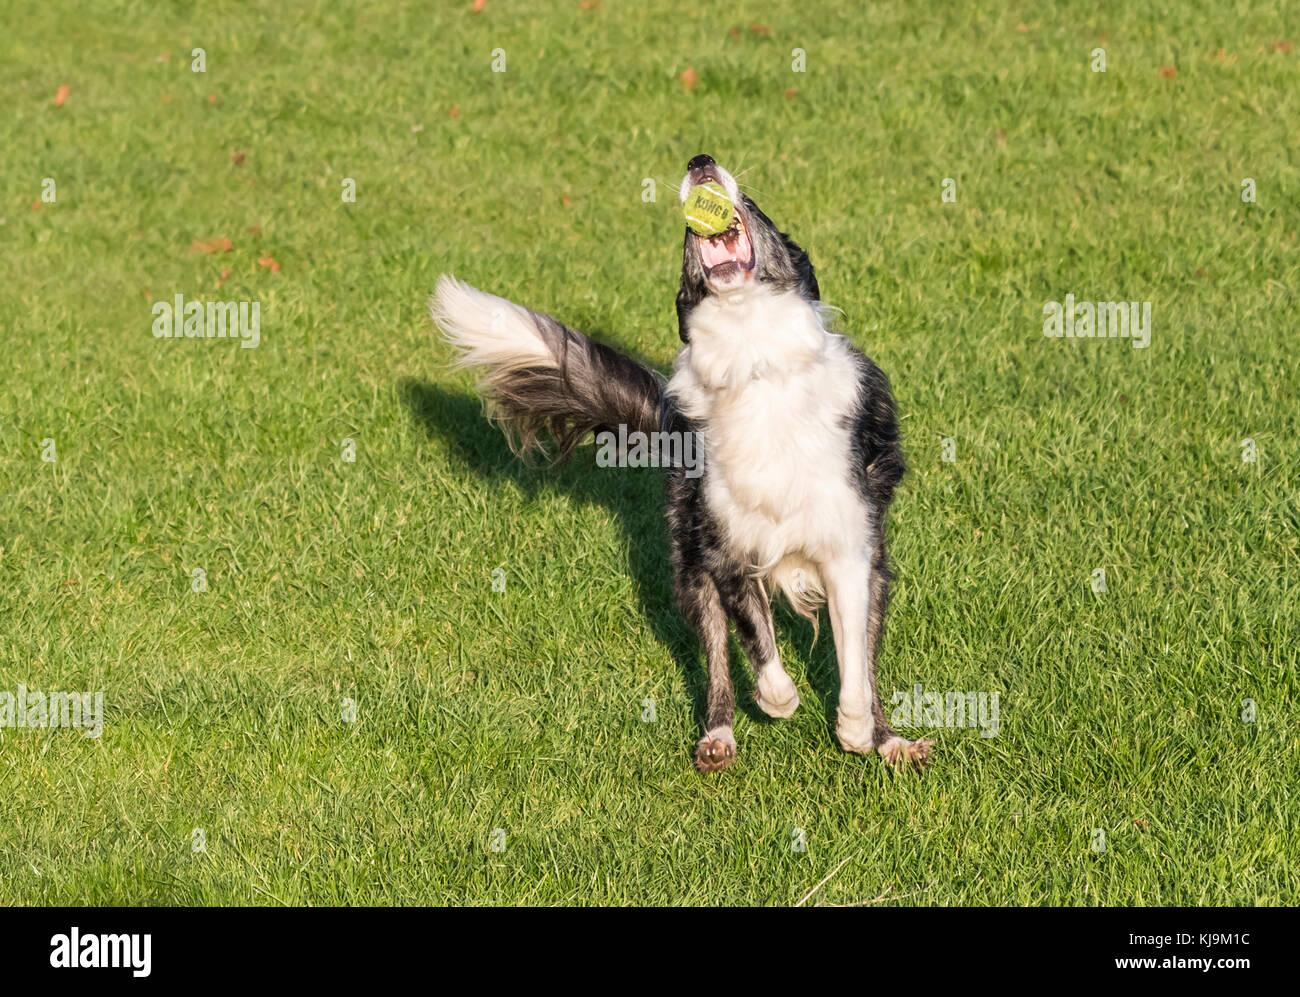 Ein Schäferhund spielen mit einem Ball und fangen Sie in den Mund. Stockbild